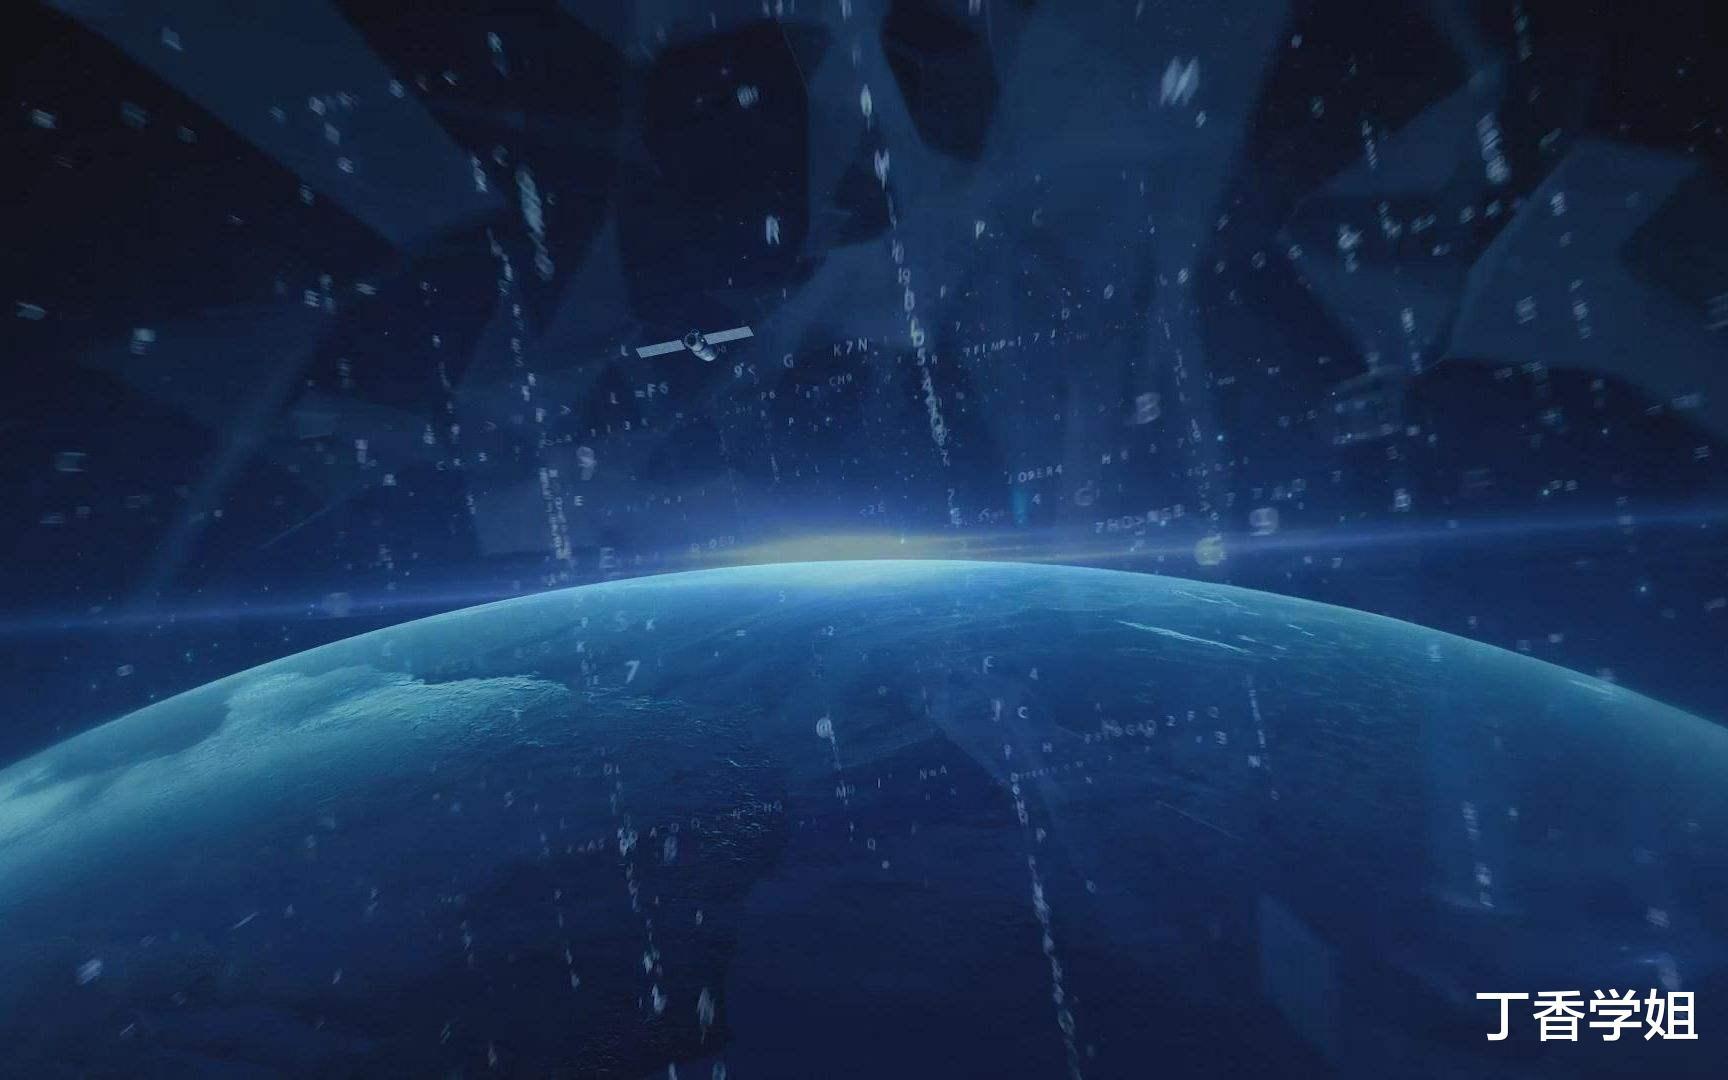 985高校毕业, 工作6年, 年收入才25万 北京某航天研究所硕士: